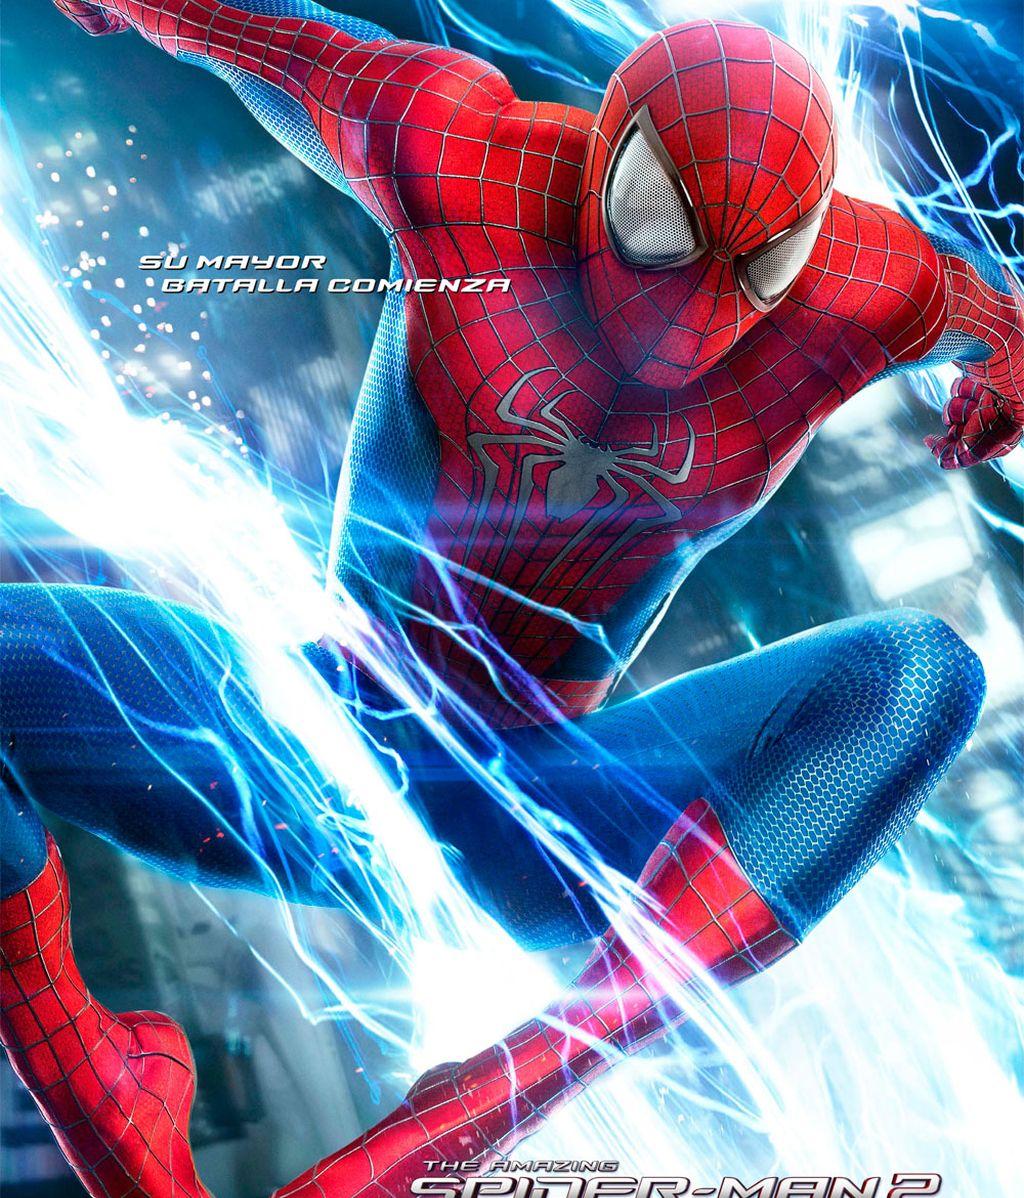 6. Amazing Spiderman 2: El poder de Electro